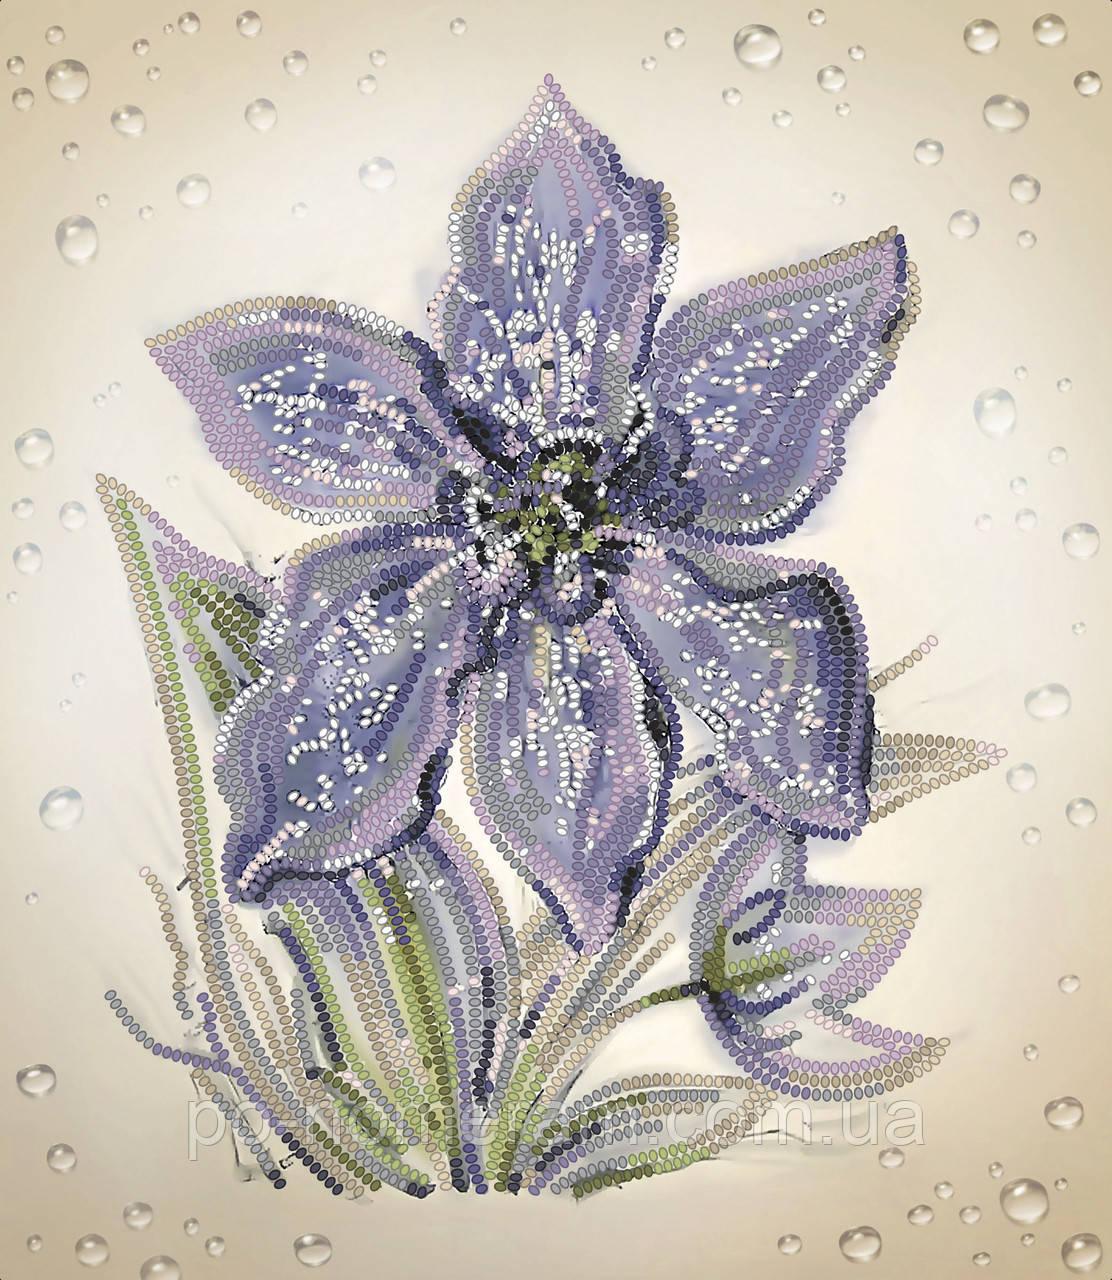 Вышивка бисером Идейка Утренняя роса (ВБ1008) 20 x 23 см